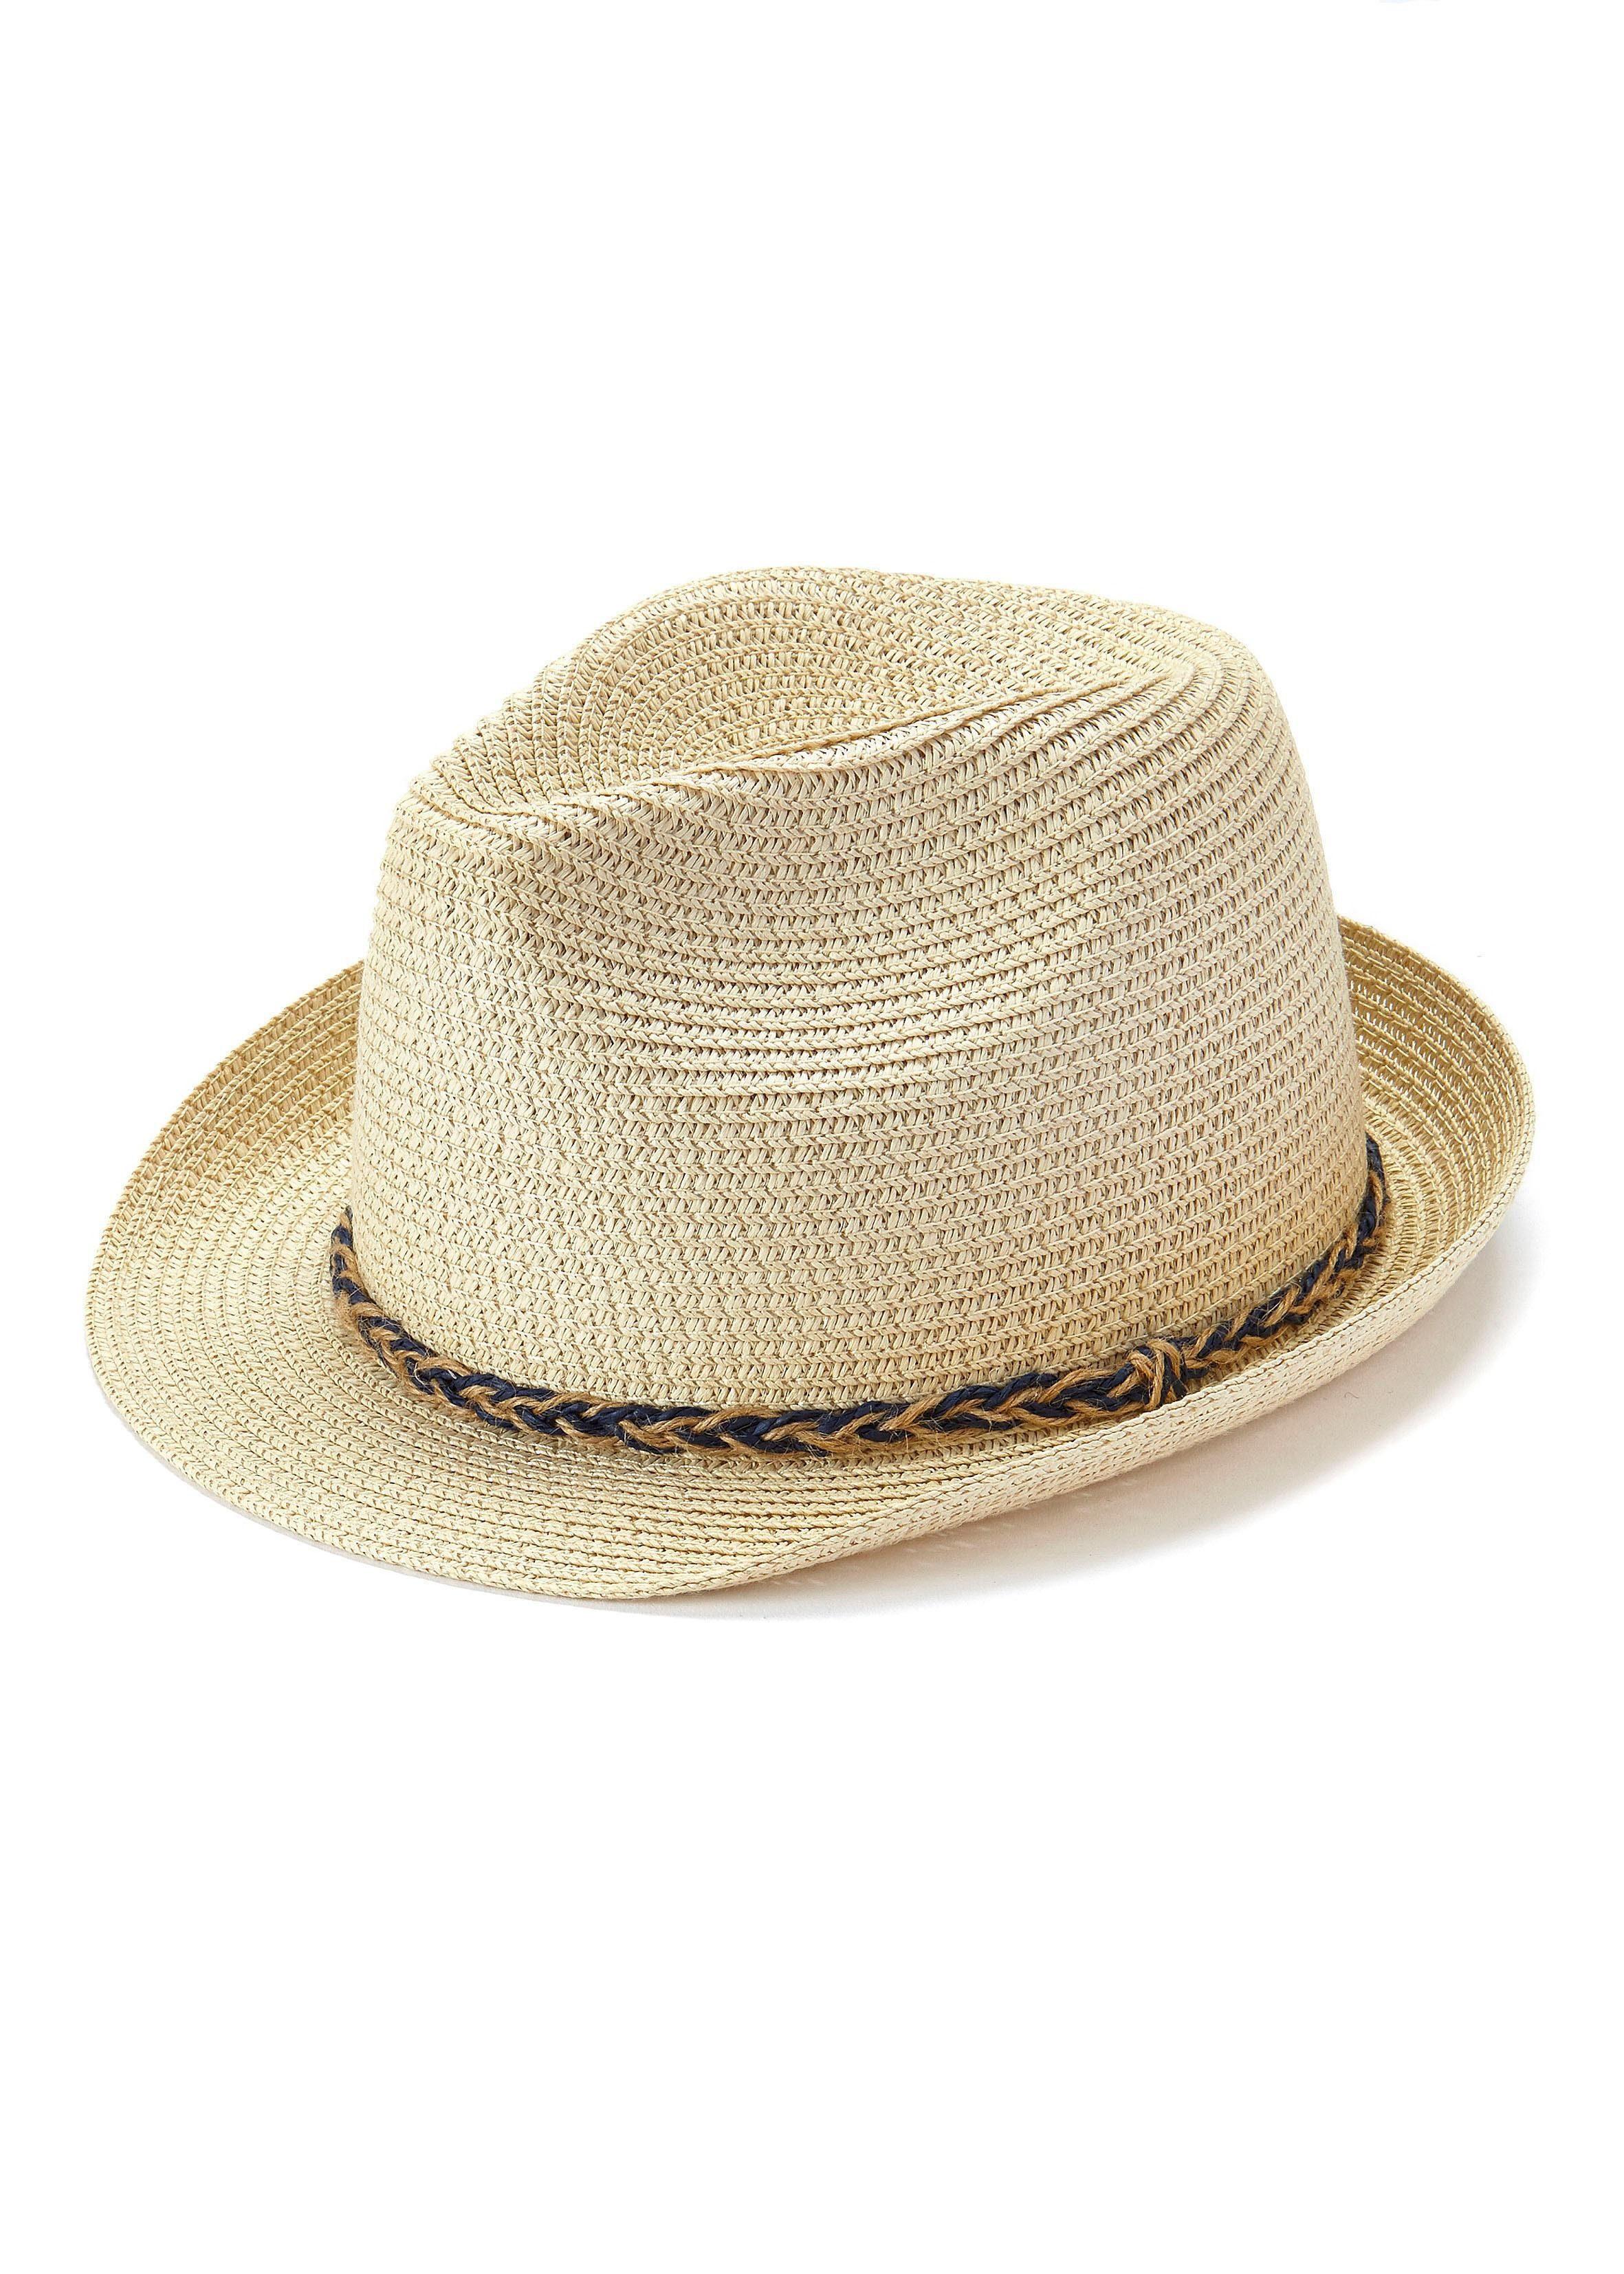 LASCANA Cowboyhut | Accessoires > Hüte > Cowboyhüte | Lascana